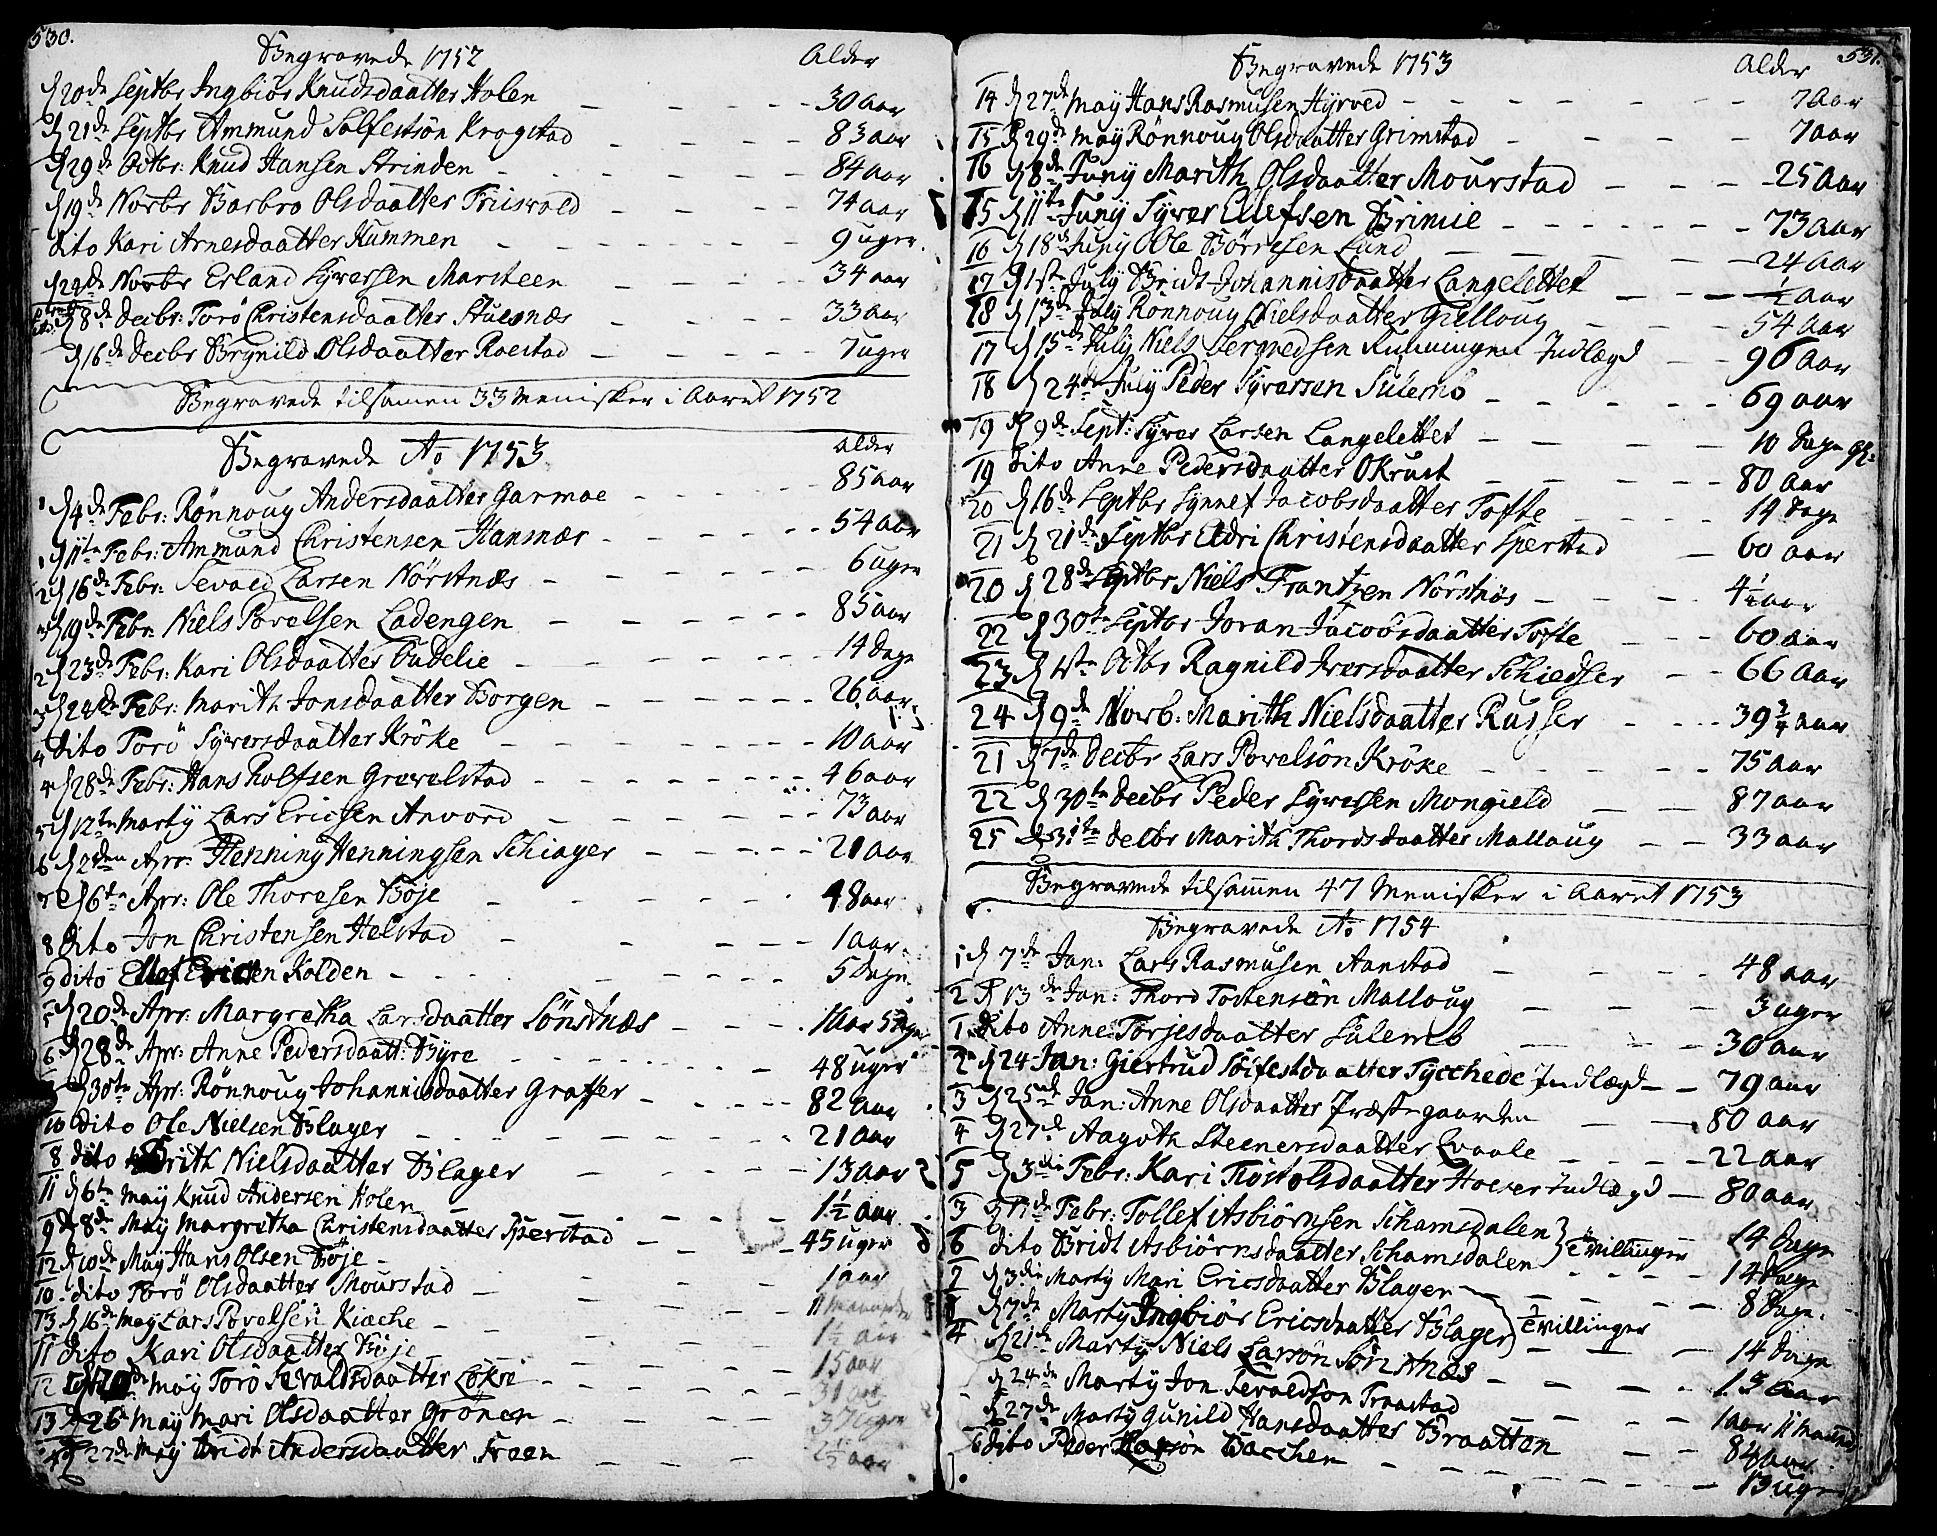 SAH, Lom prestekontor, K/L0002: Ministerialbok nr. 2, 1749-1801, s. 530-531